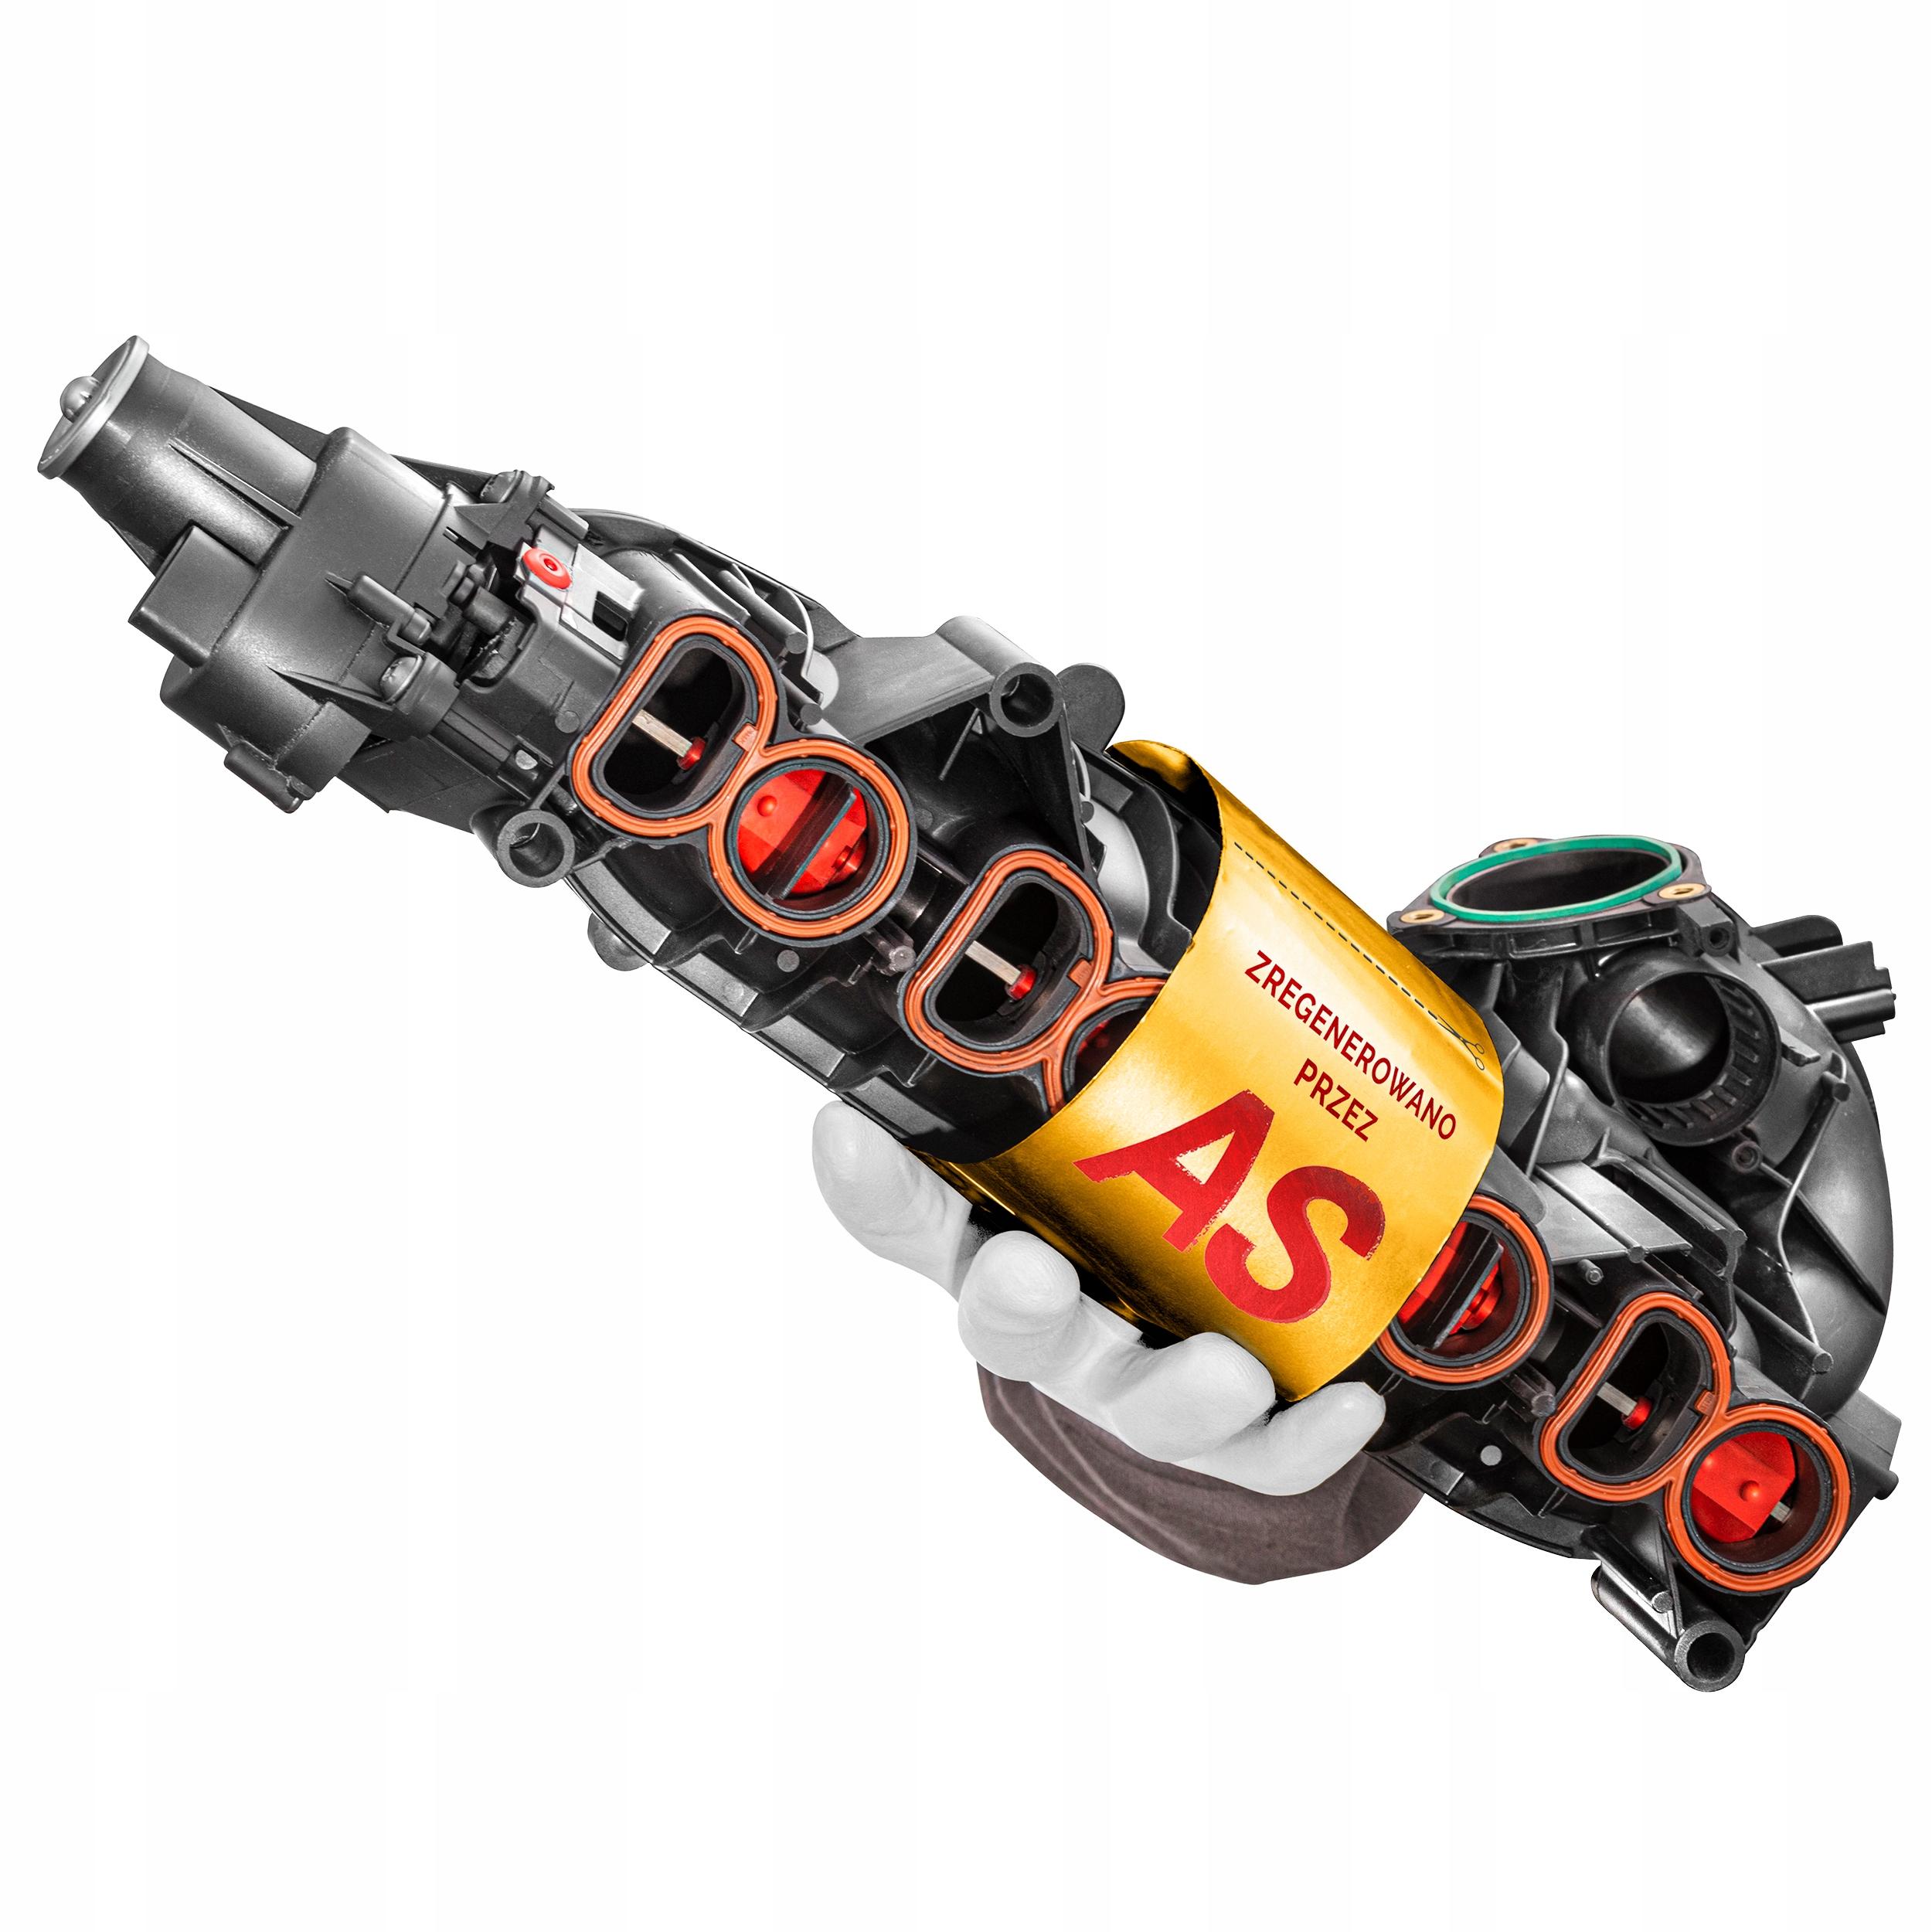 коллектор всасывающий bmw x1 x3 120d 20d n47 усиленный